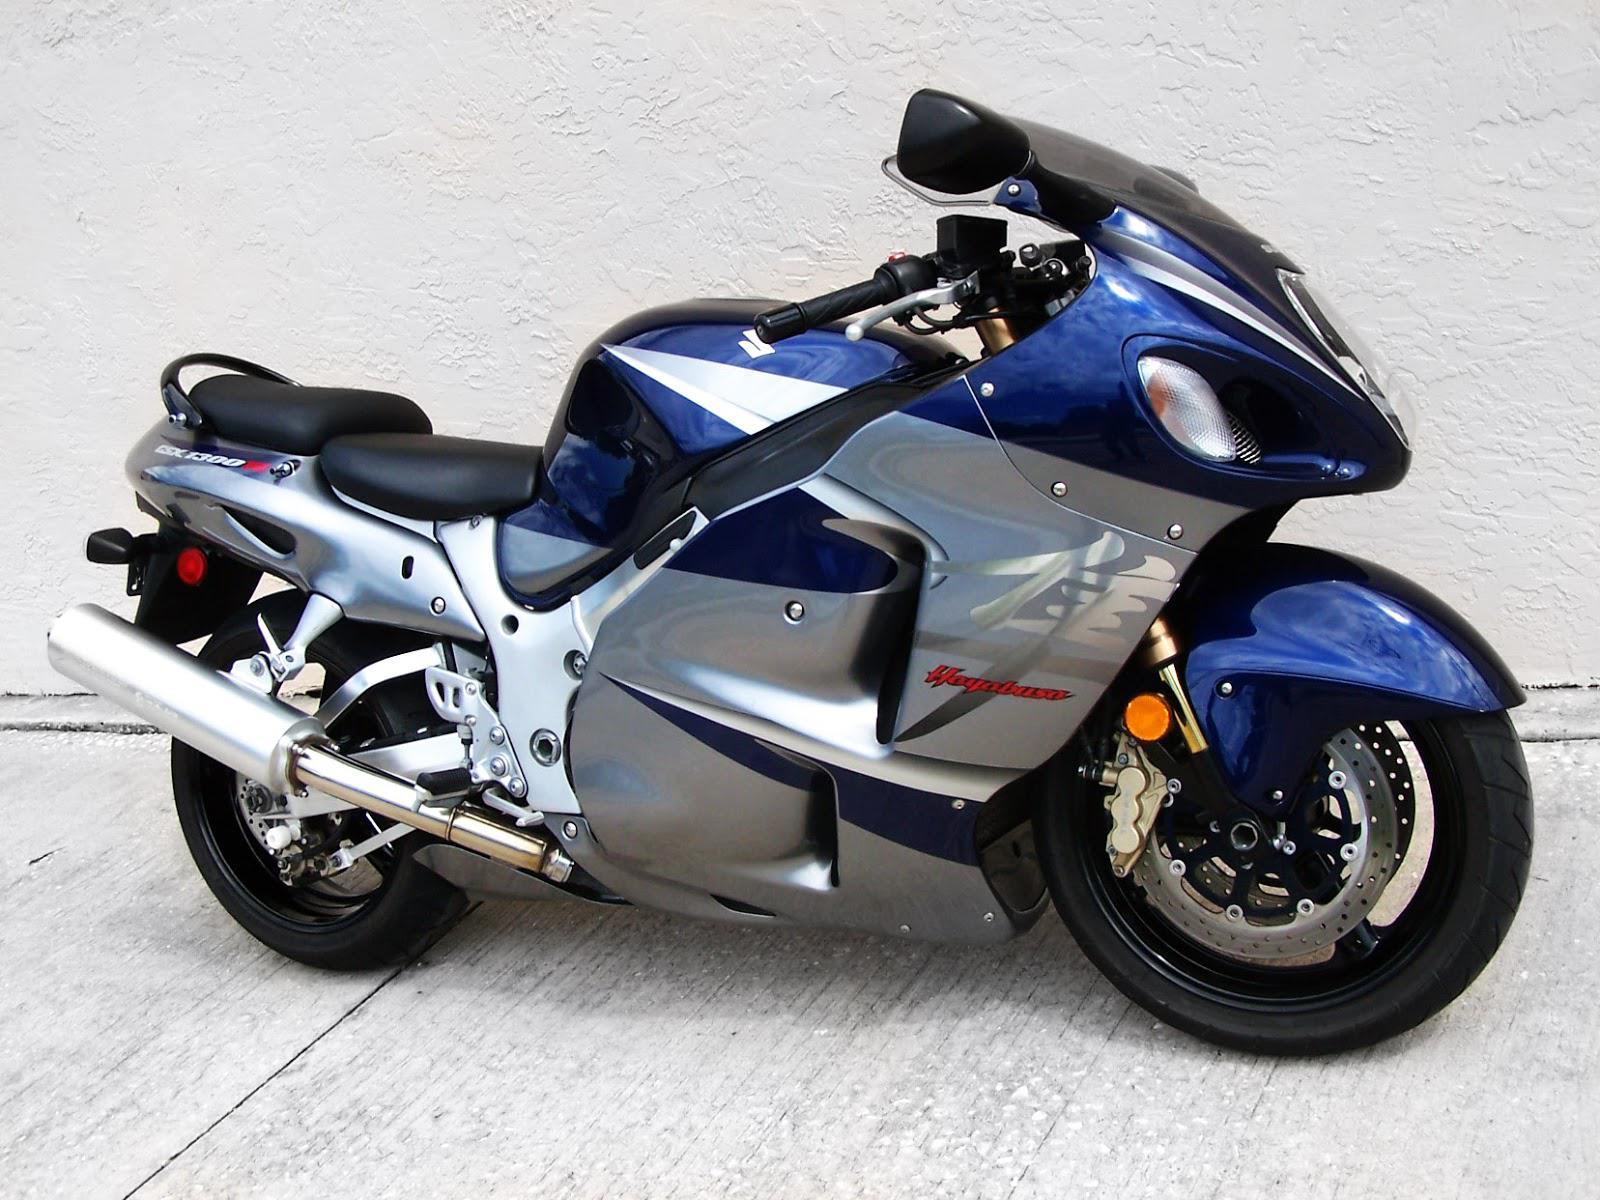 HD Suzuki Hayabusa Sportbike Superbike Widescreen 1600x1200